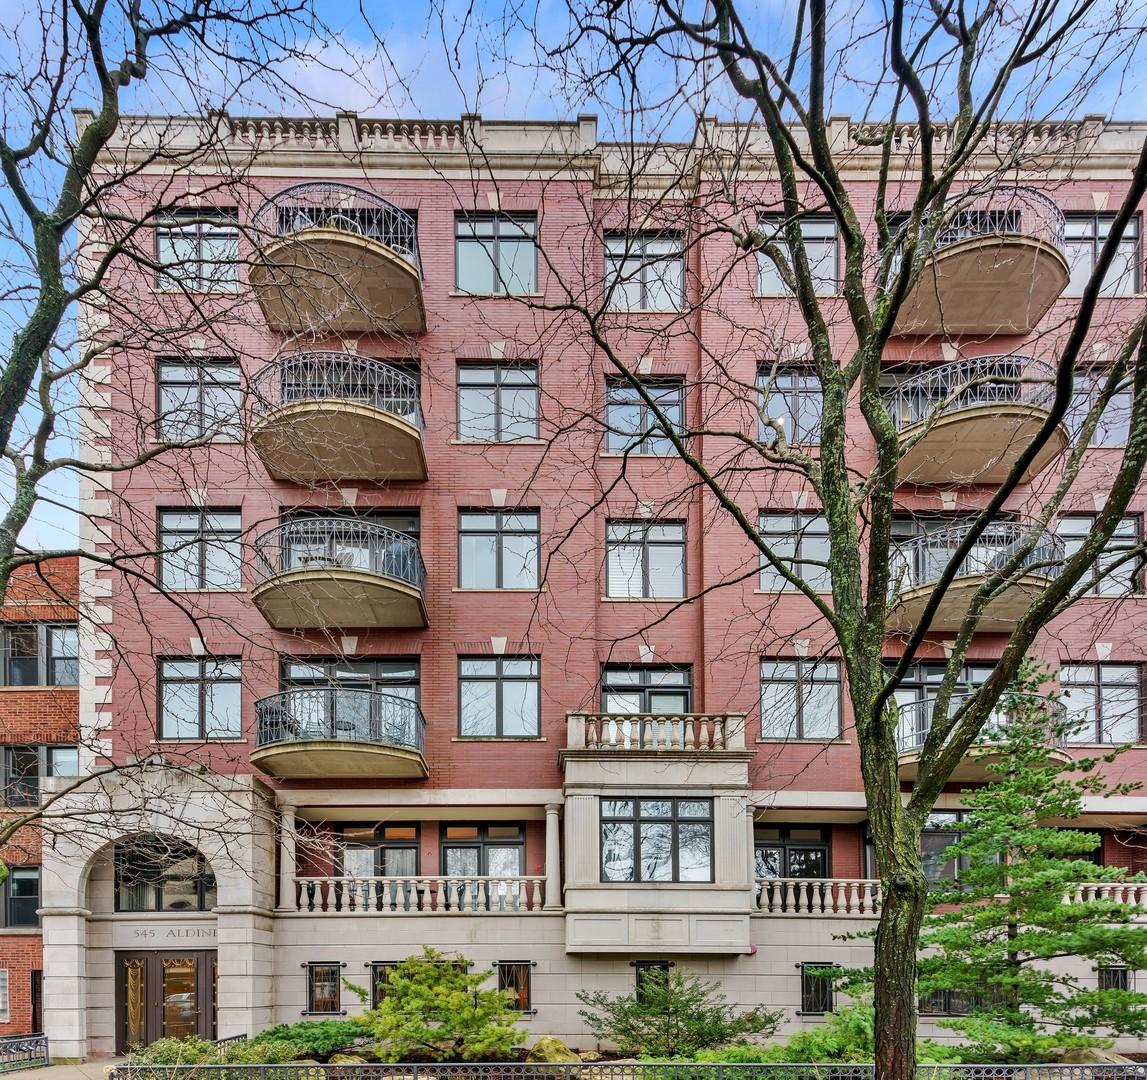 545 Aldine Unit Unit 2f ,Chicago, Illinois 60657